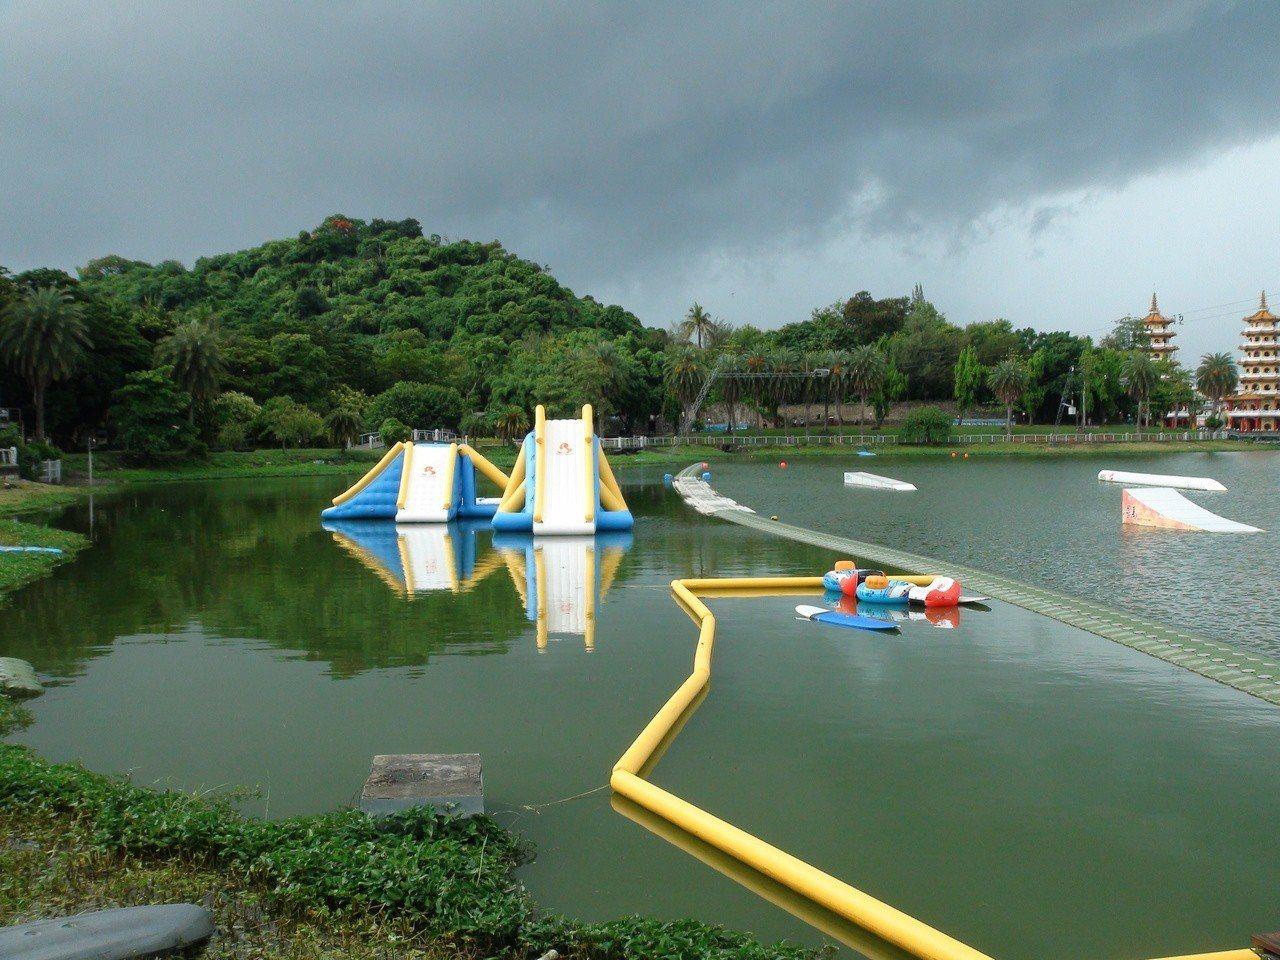 左營蓮池潭也安排適合小朋友的水上遊樂器具。記者謝梅芬/攝影